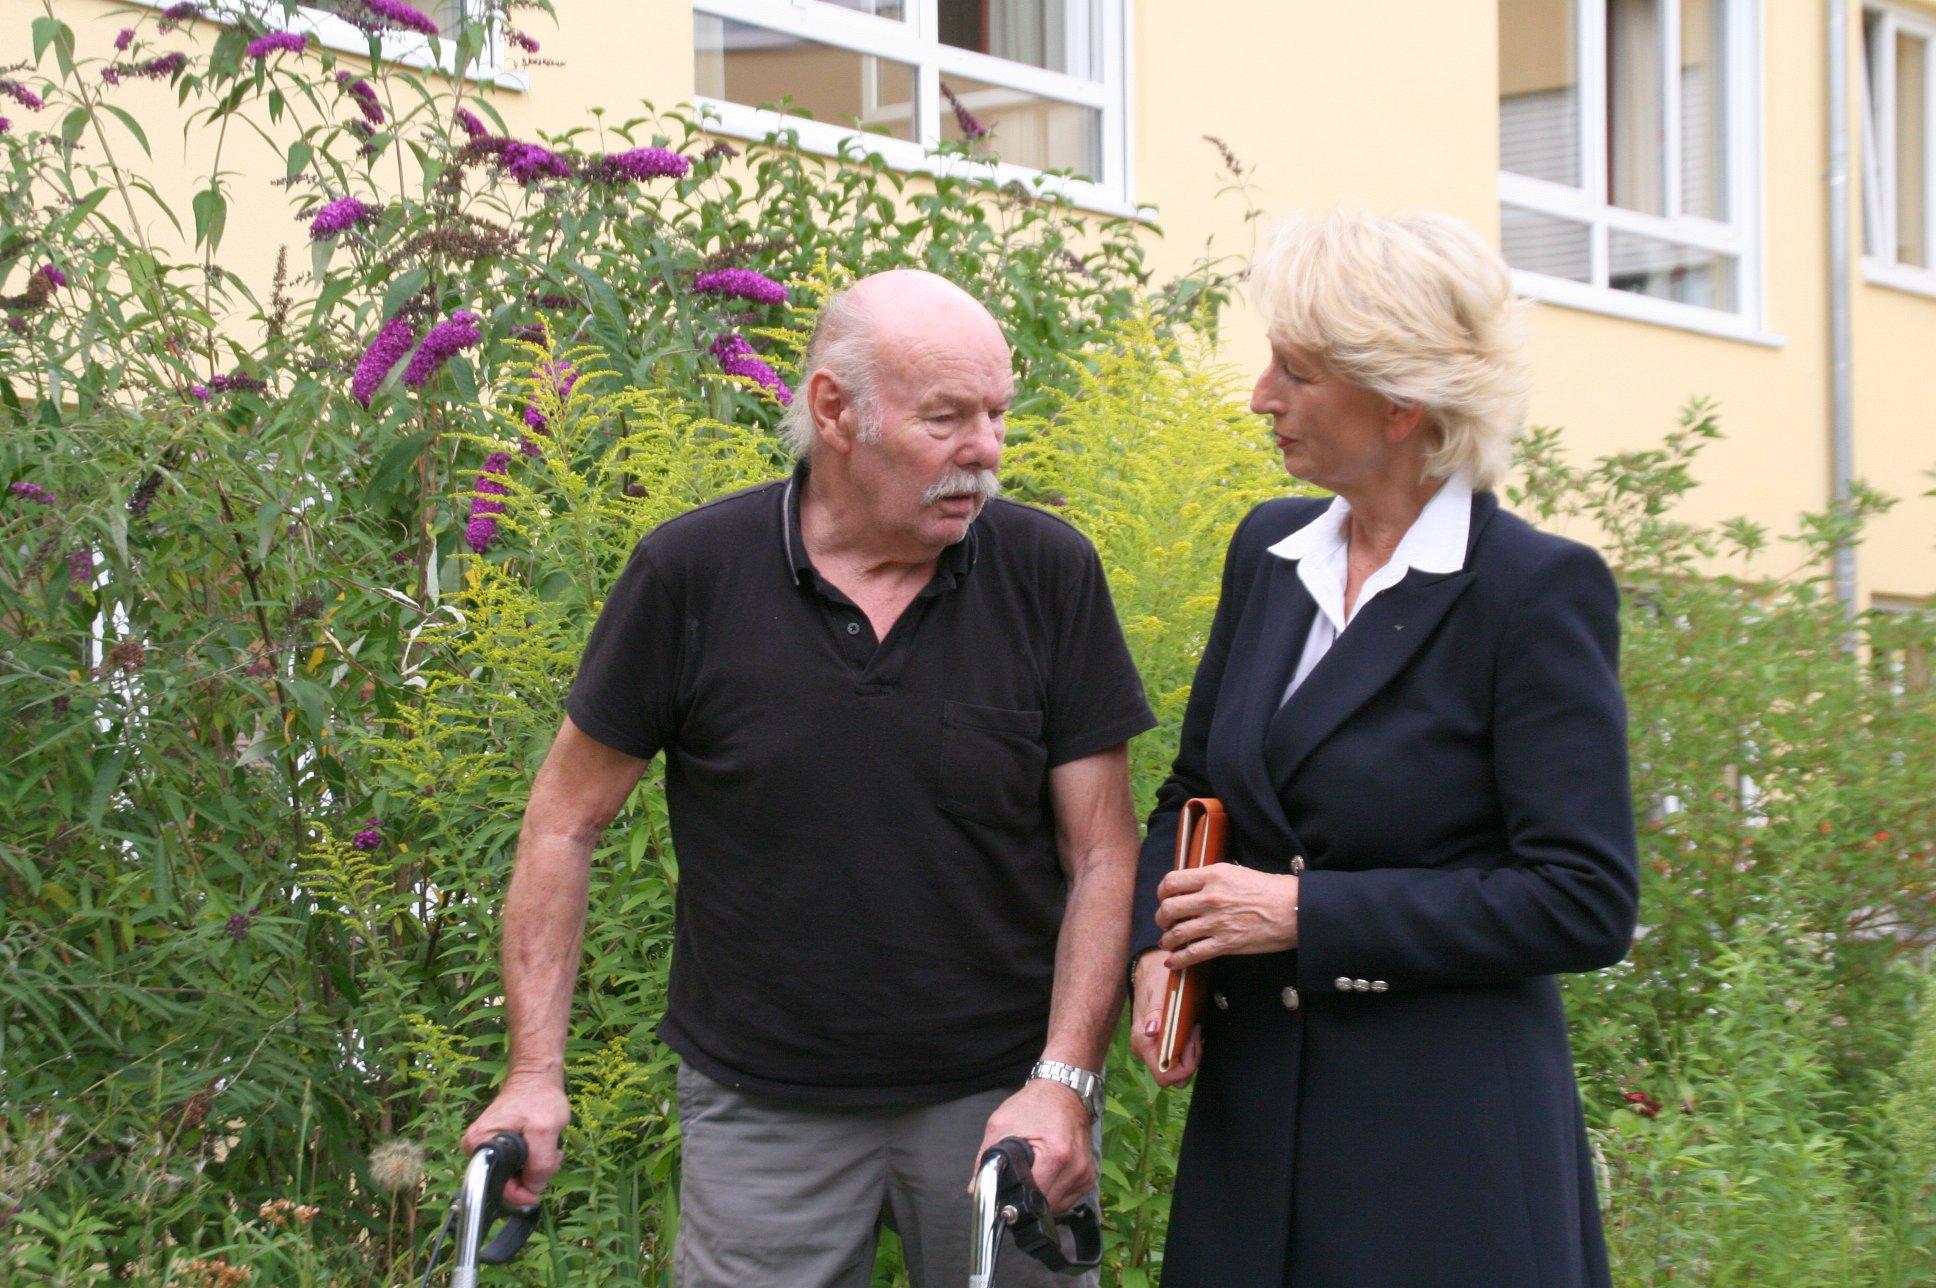 seniorenbetreuung-muenchen-lebensfreude-66-plus-zuhoeren